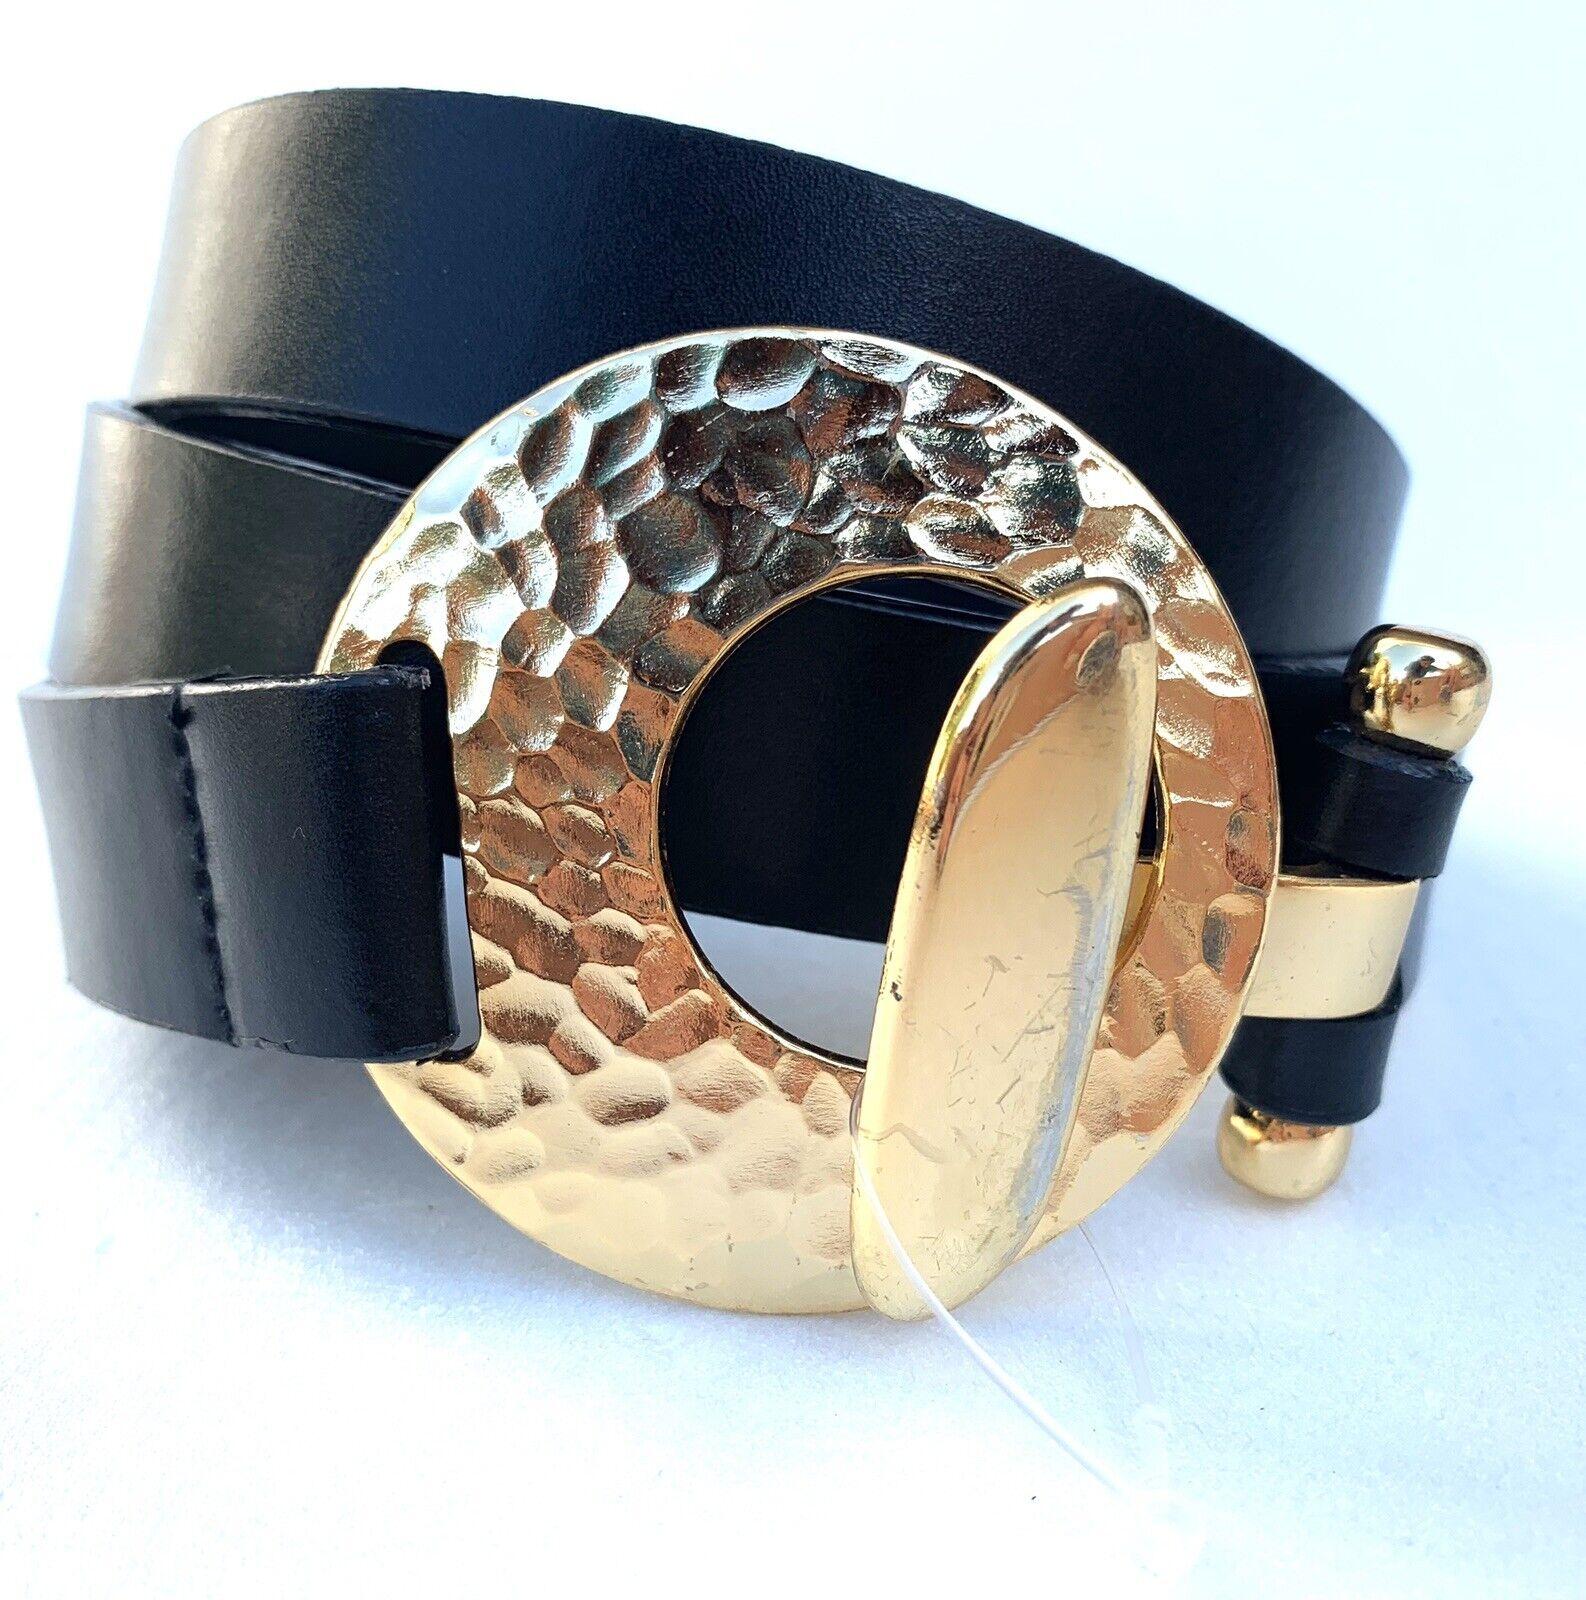 CHICO'S Women's Adjustable Black Belt W/ Gold Tone Medallion Buckle SZ M-L